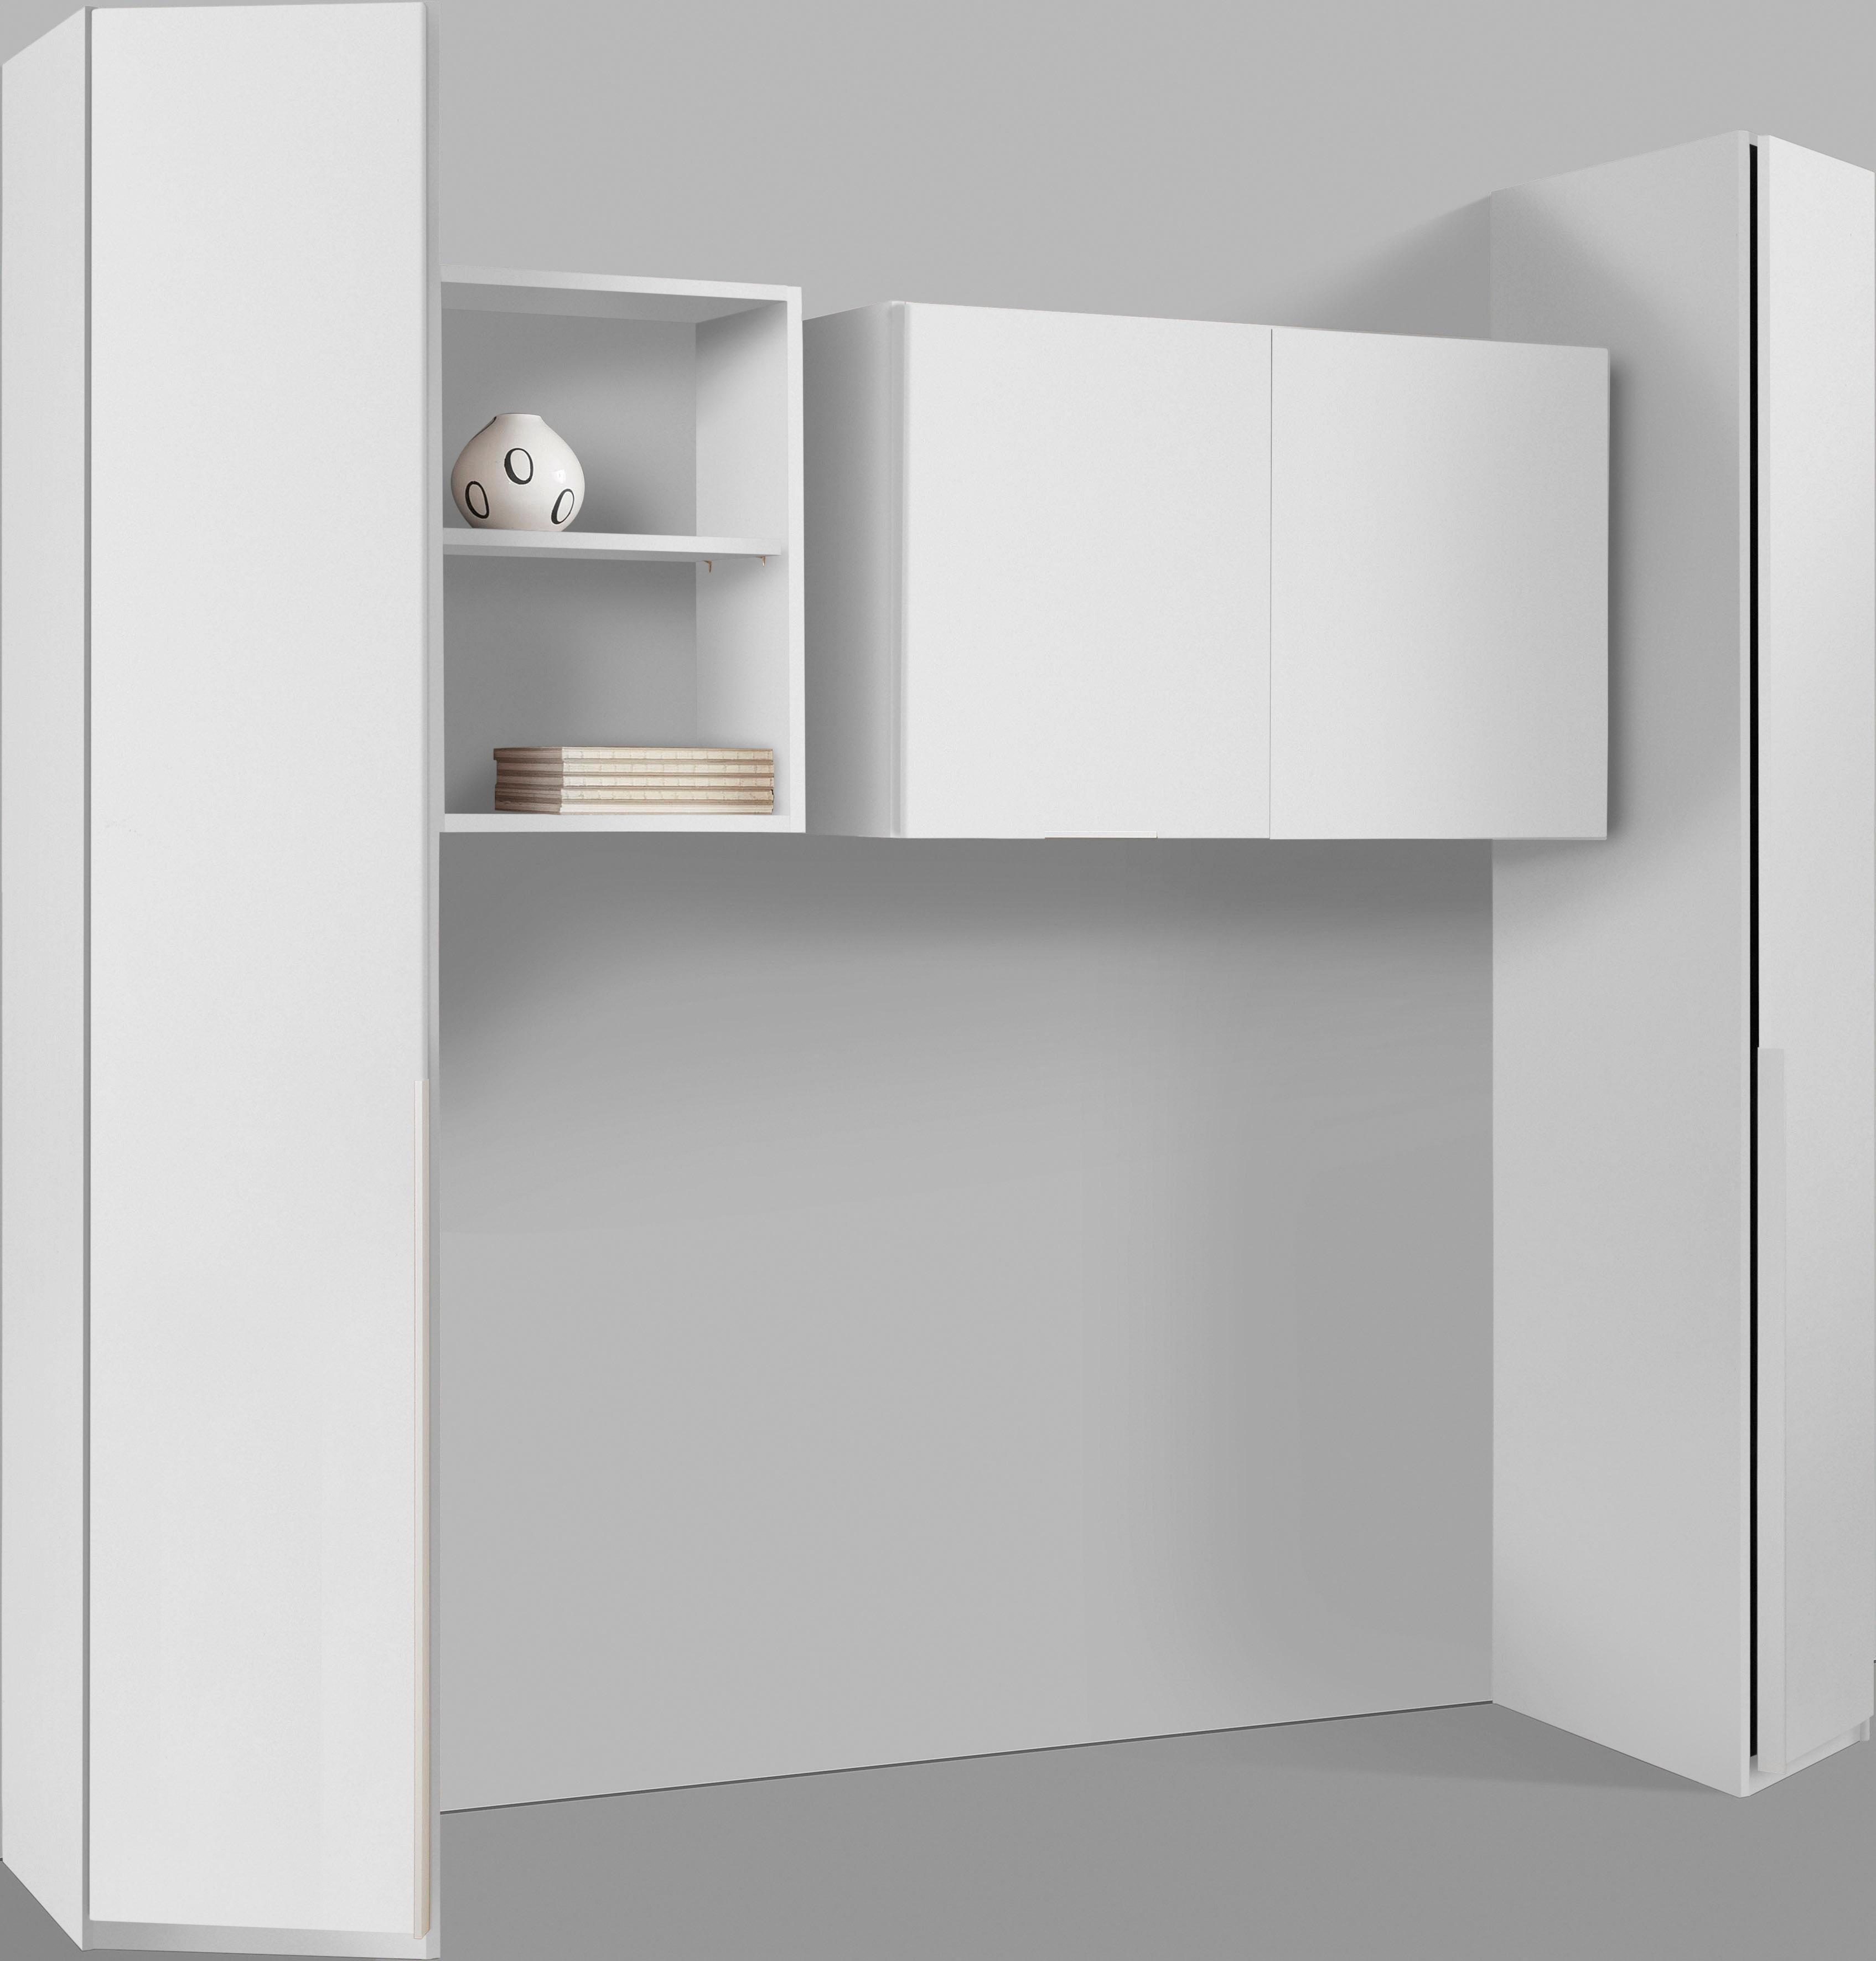 schlafzimmer set anna schlafzimmer chalet komfortable schlafsofas wandaufkleber bettw sche. Black Bedroom Furniture Sets. Home Design Ideas